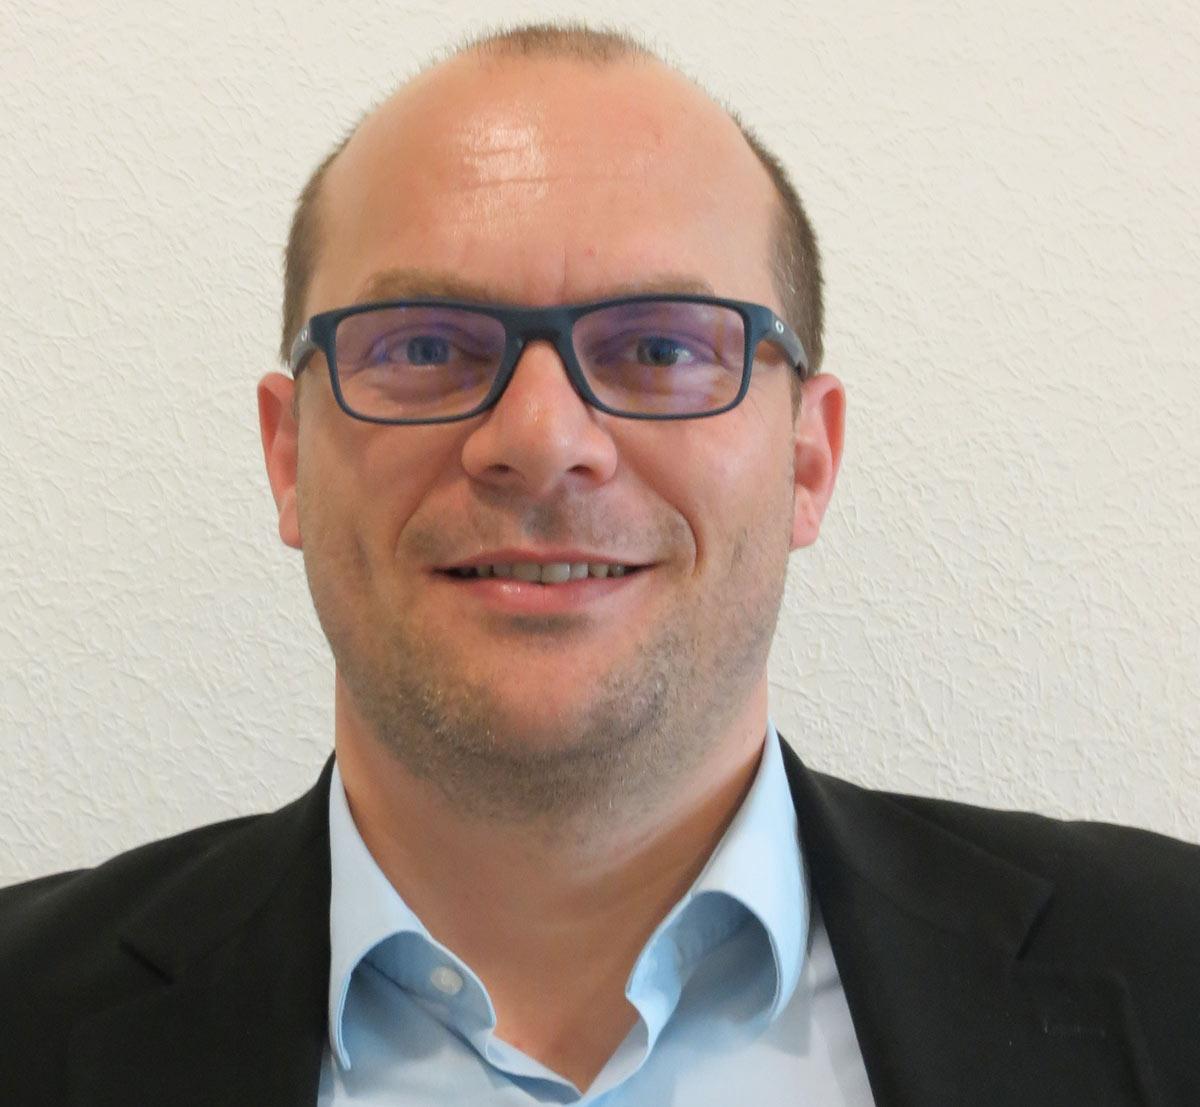 Pierre Bordier rejoint Janneau Menuiseries au poste de Directeur Général